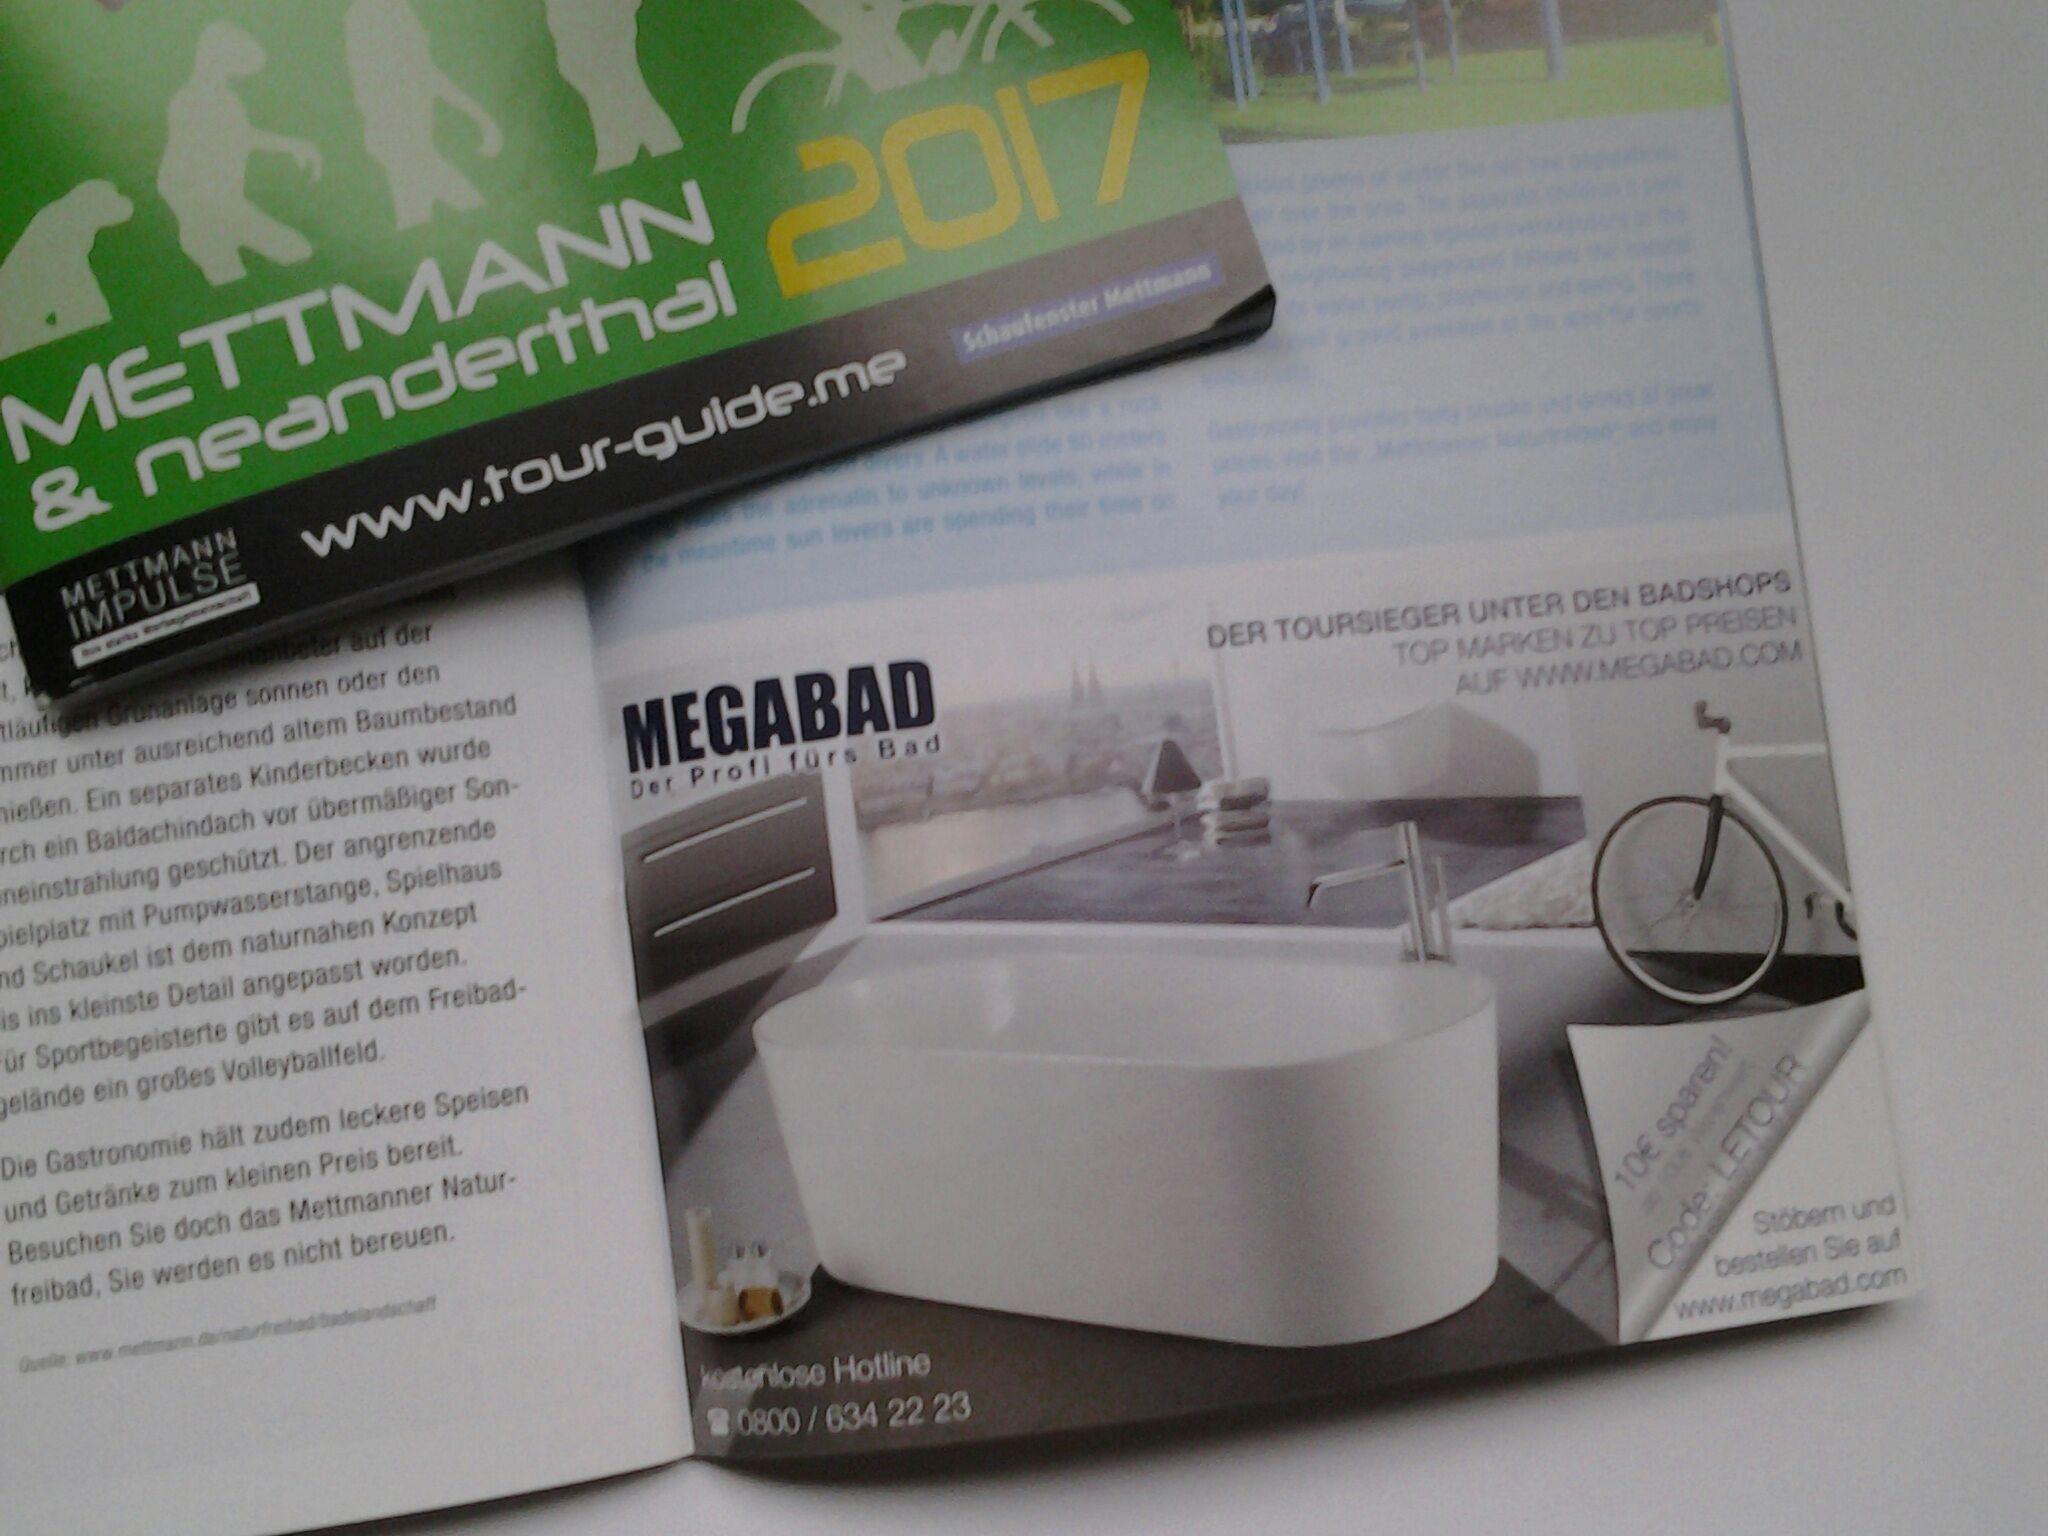 10€ Gutschein im Badshop MEGABAD